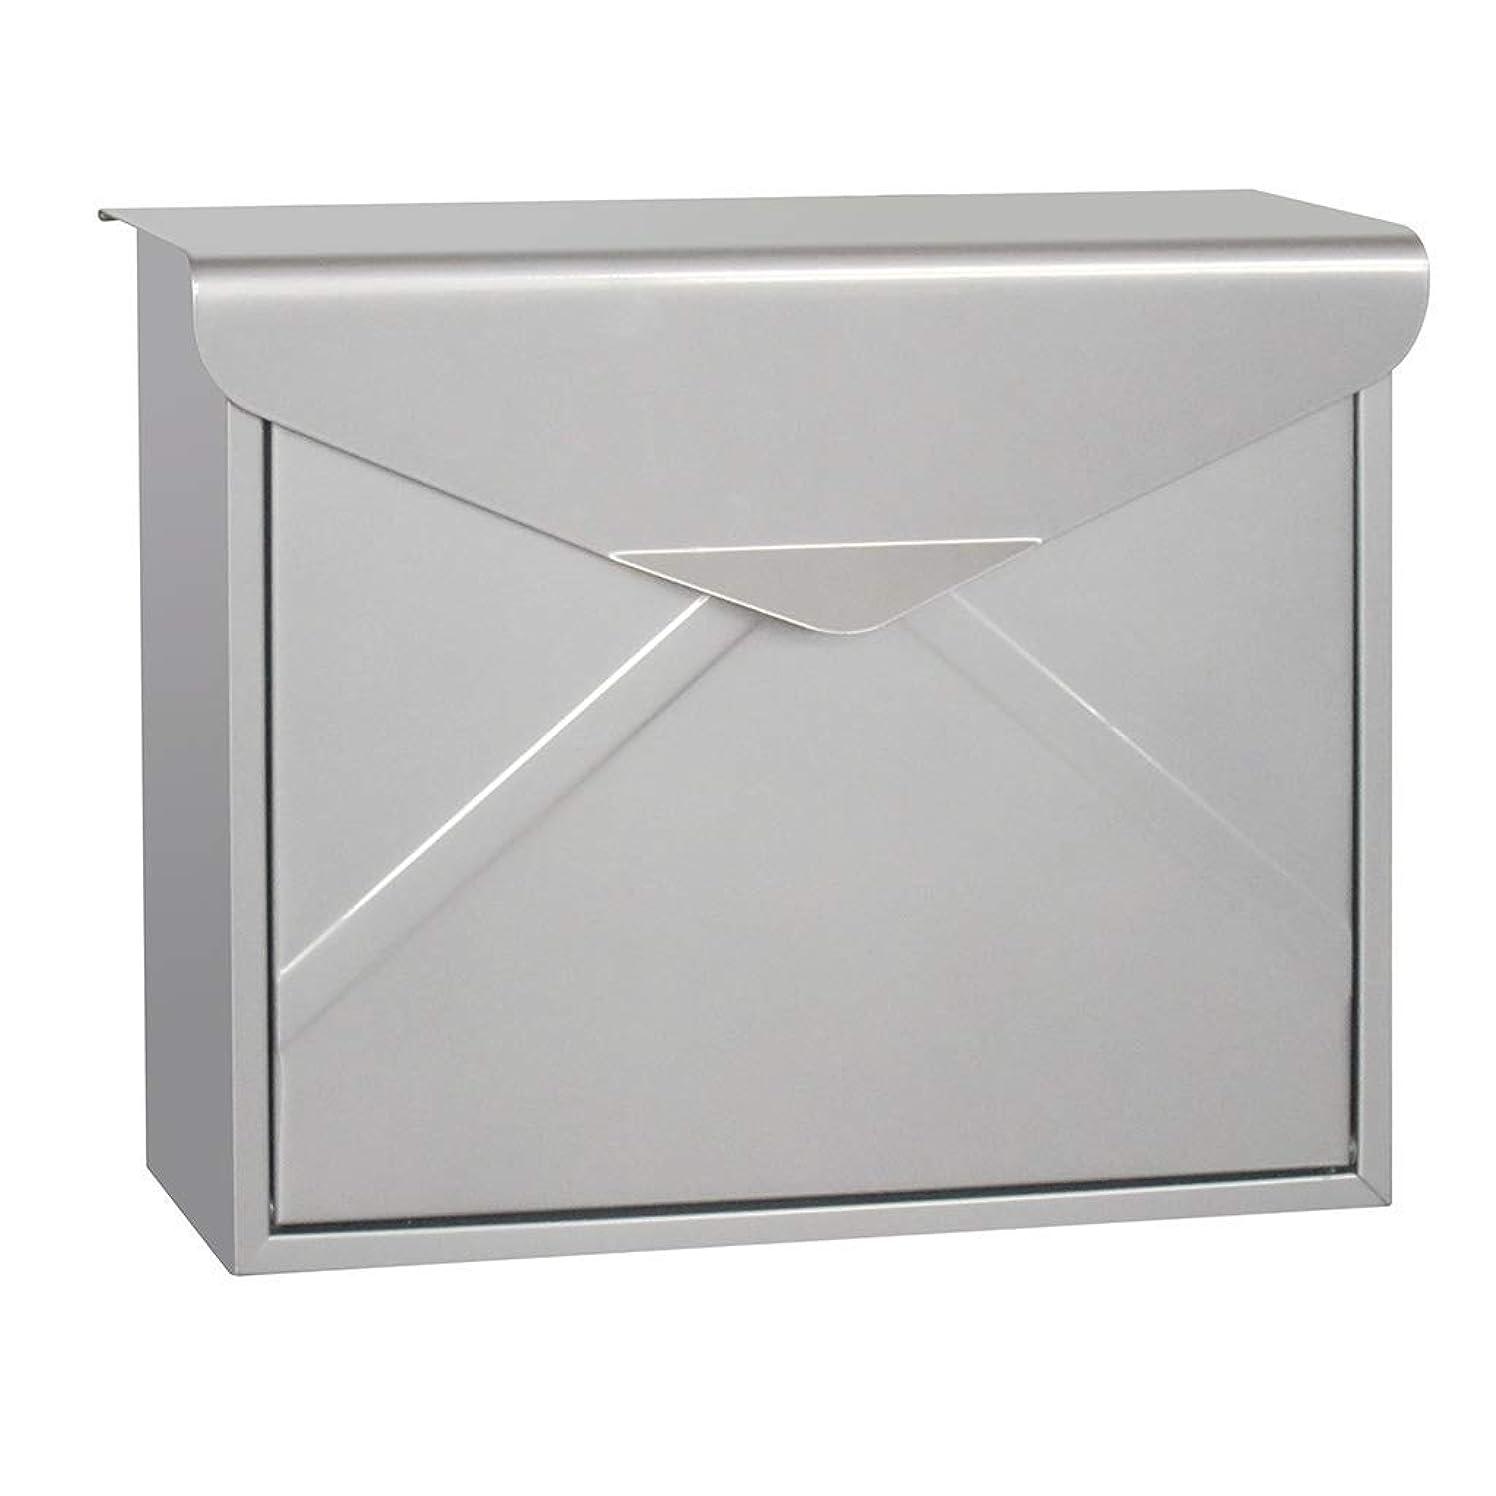 名誉ある前提条件おもしろい14.96in X4.92in X11.57inポストボックス立方体鉄シートメールボックス外部のパーソナライズされたレターボックス/シルバーColorLetterboxesアクセサリーアメリカンスタイル